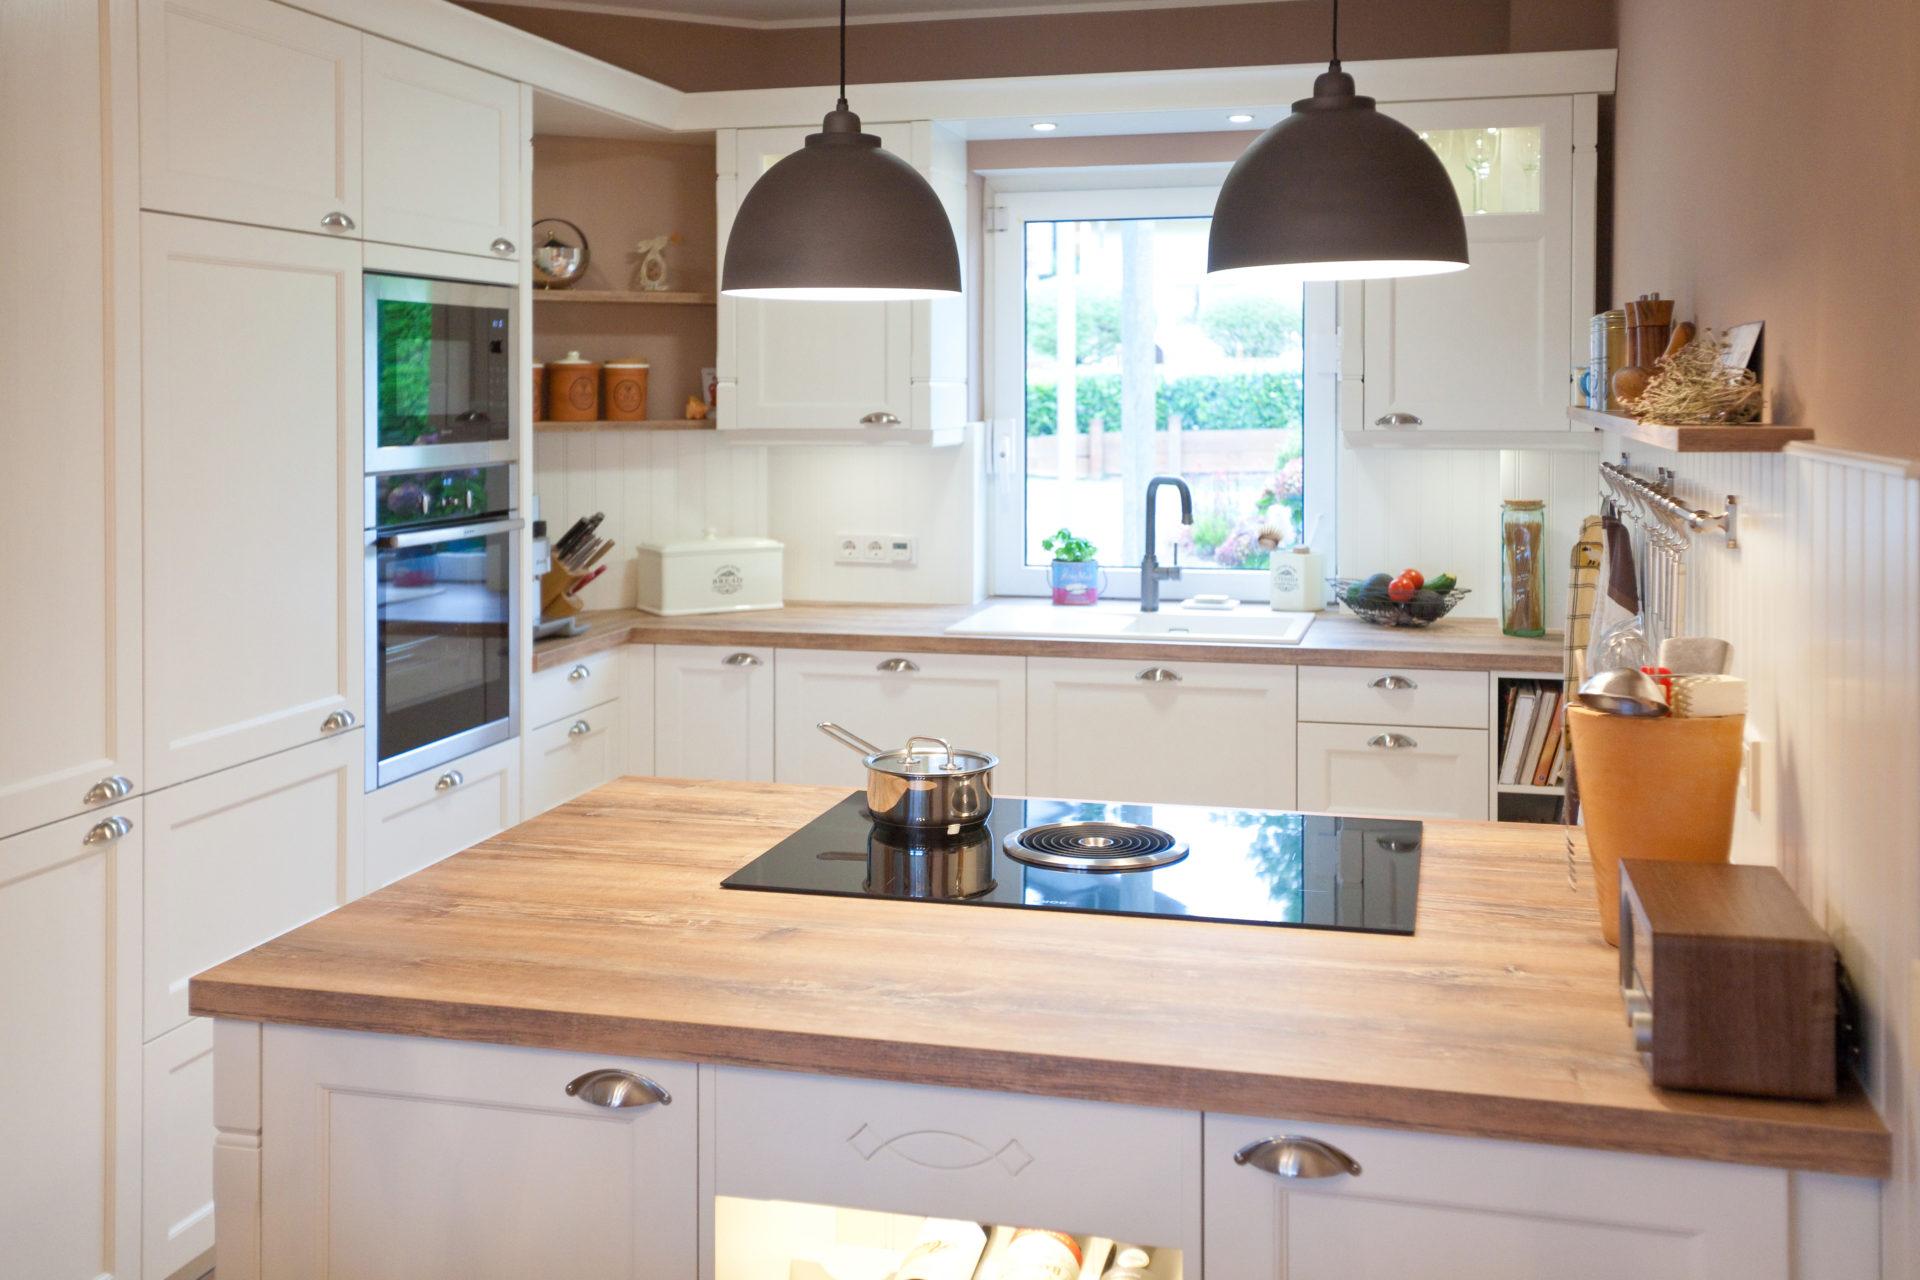 Full Size of Küche Ikea Weiß Landhaus Landhausküche Weiß Amerikanisch Landhausküche Oslo Weiß Landhausküche Weiß Nobilia Küche Landhausküche Weiß